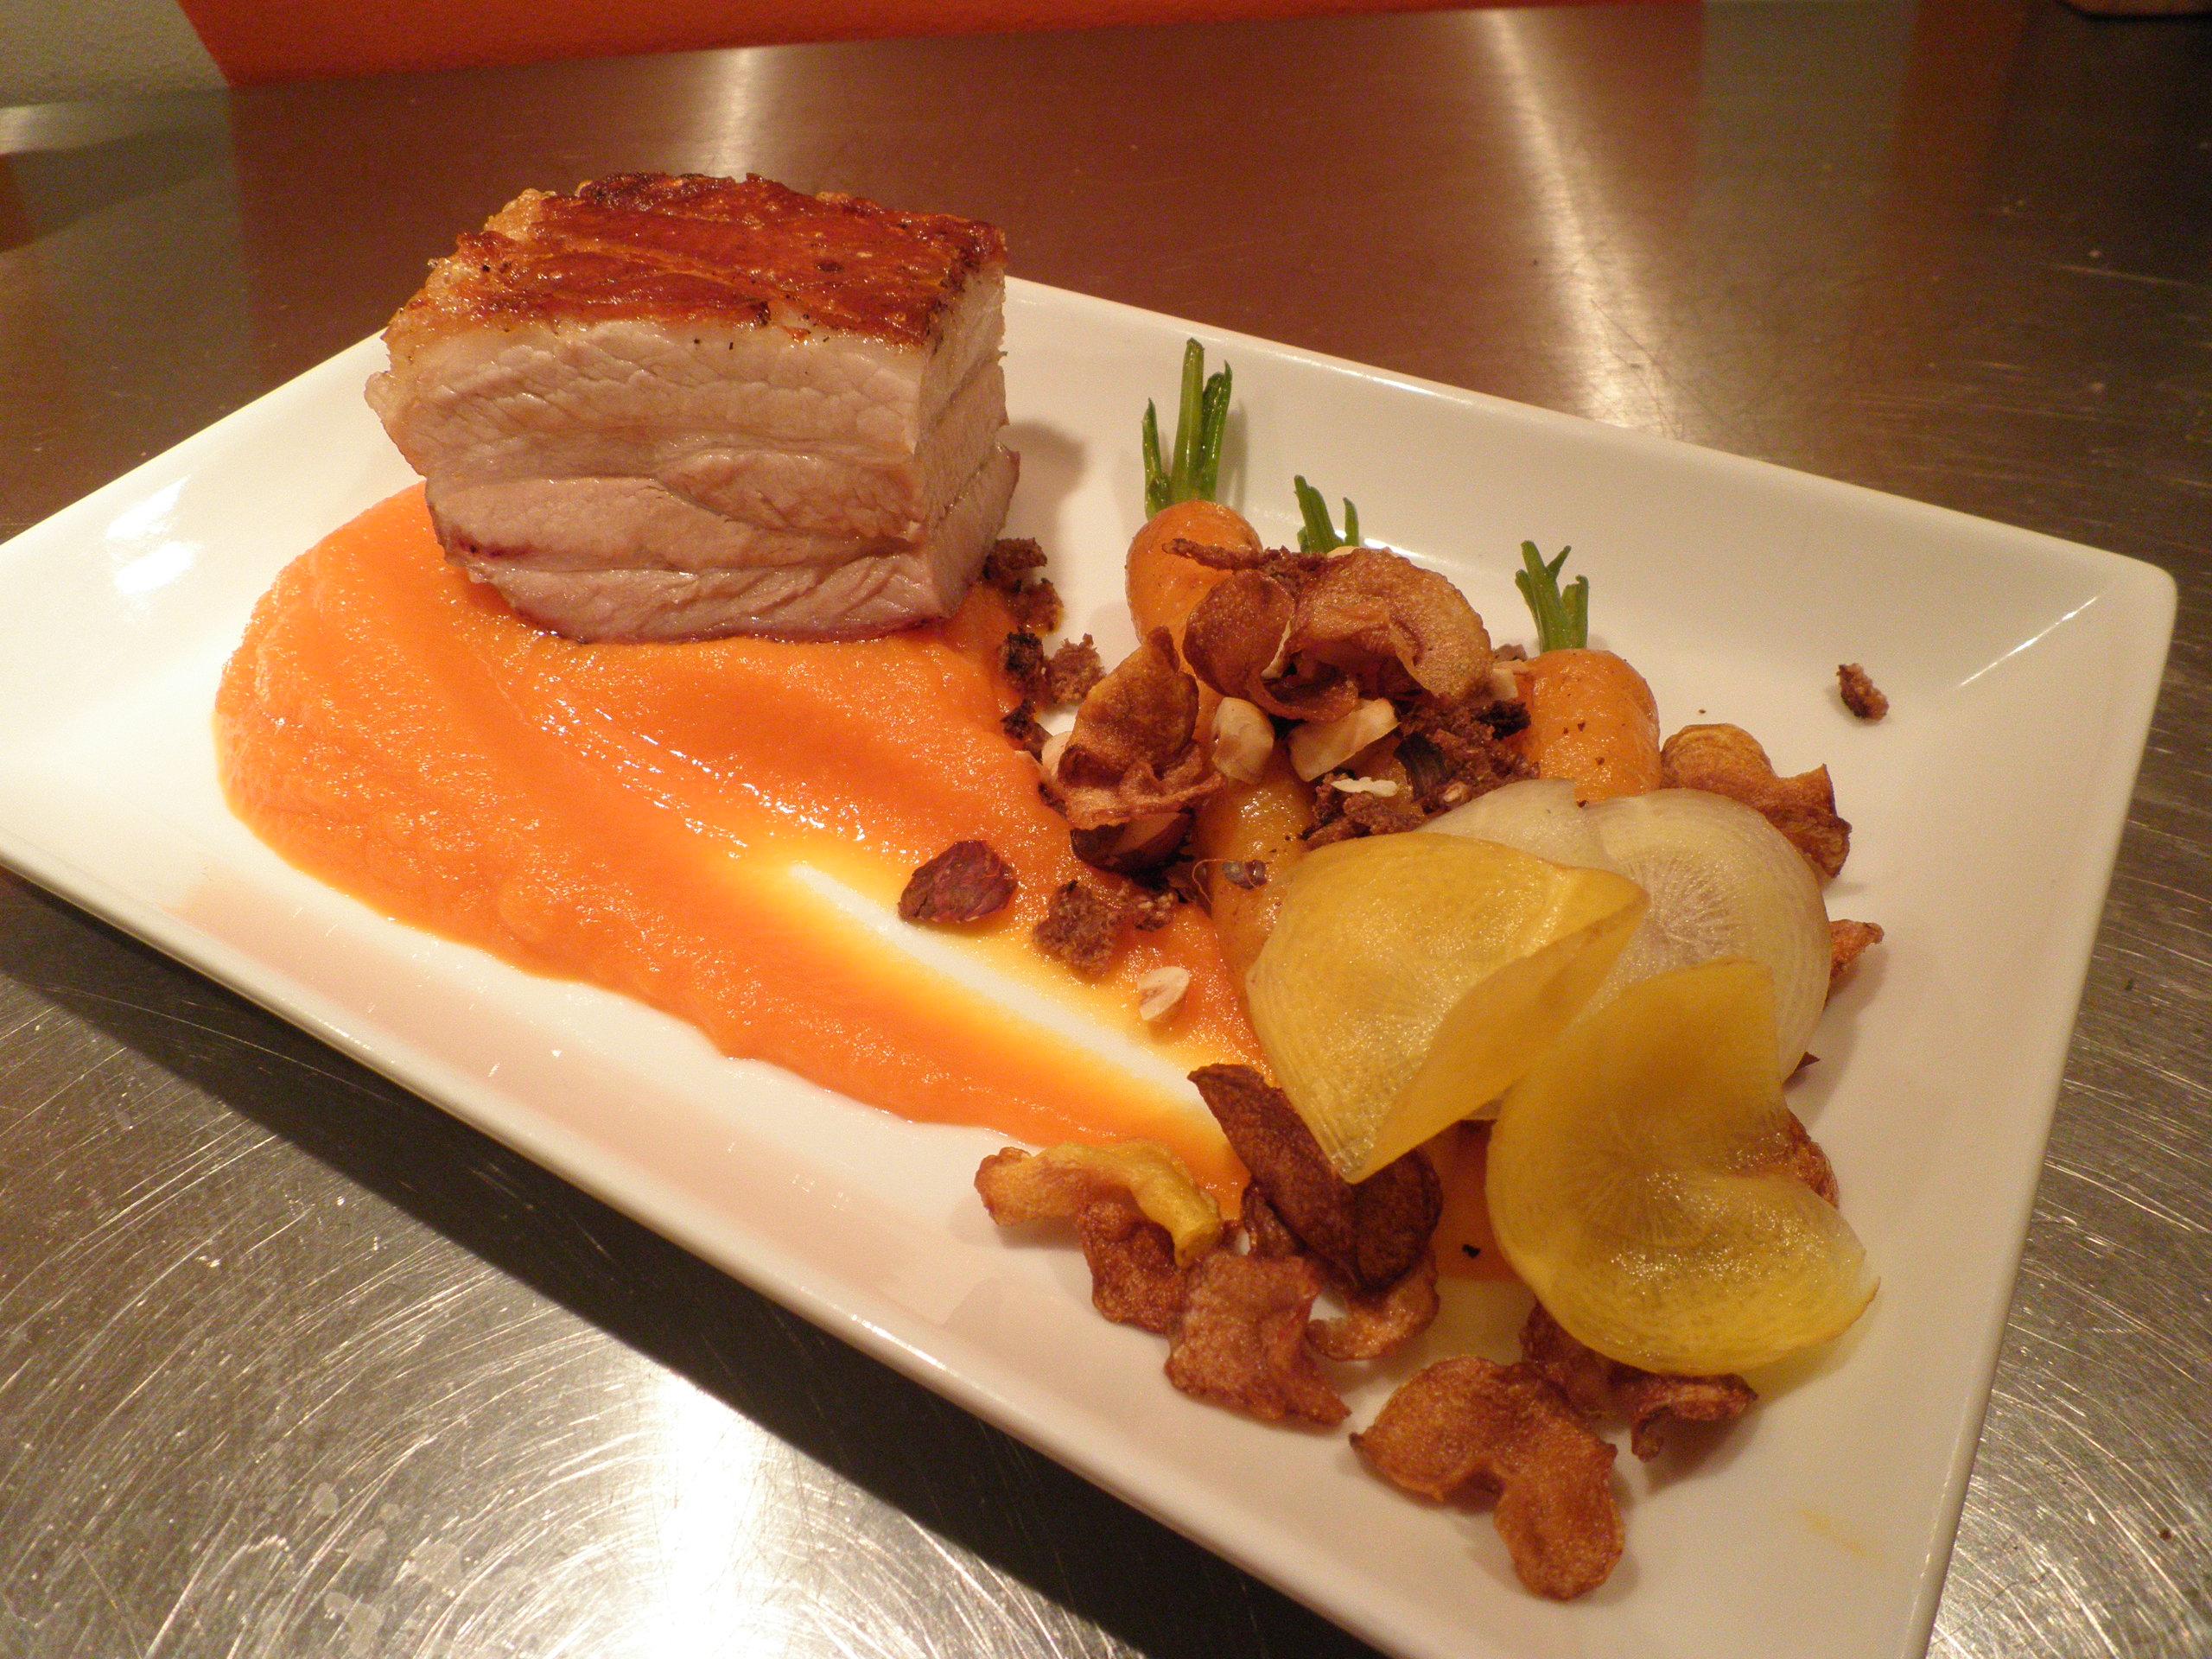 Svineslag / Pork belly med pure og chips af gulerødder samt smørstegte gulerødder